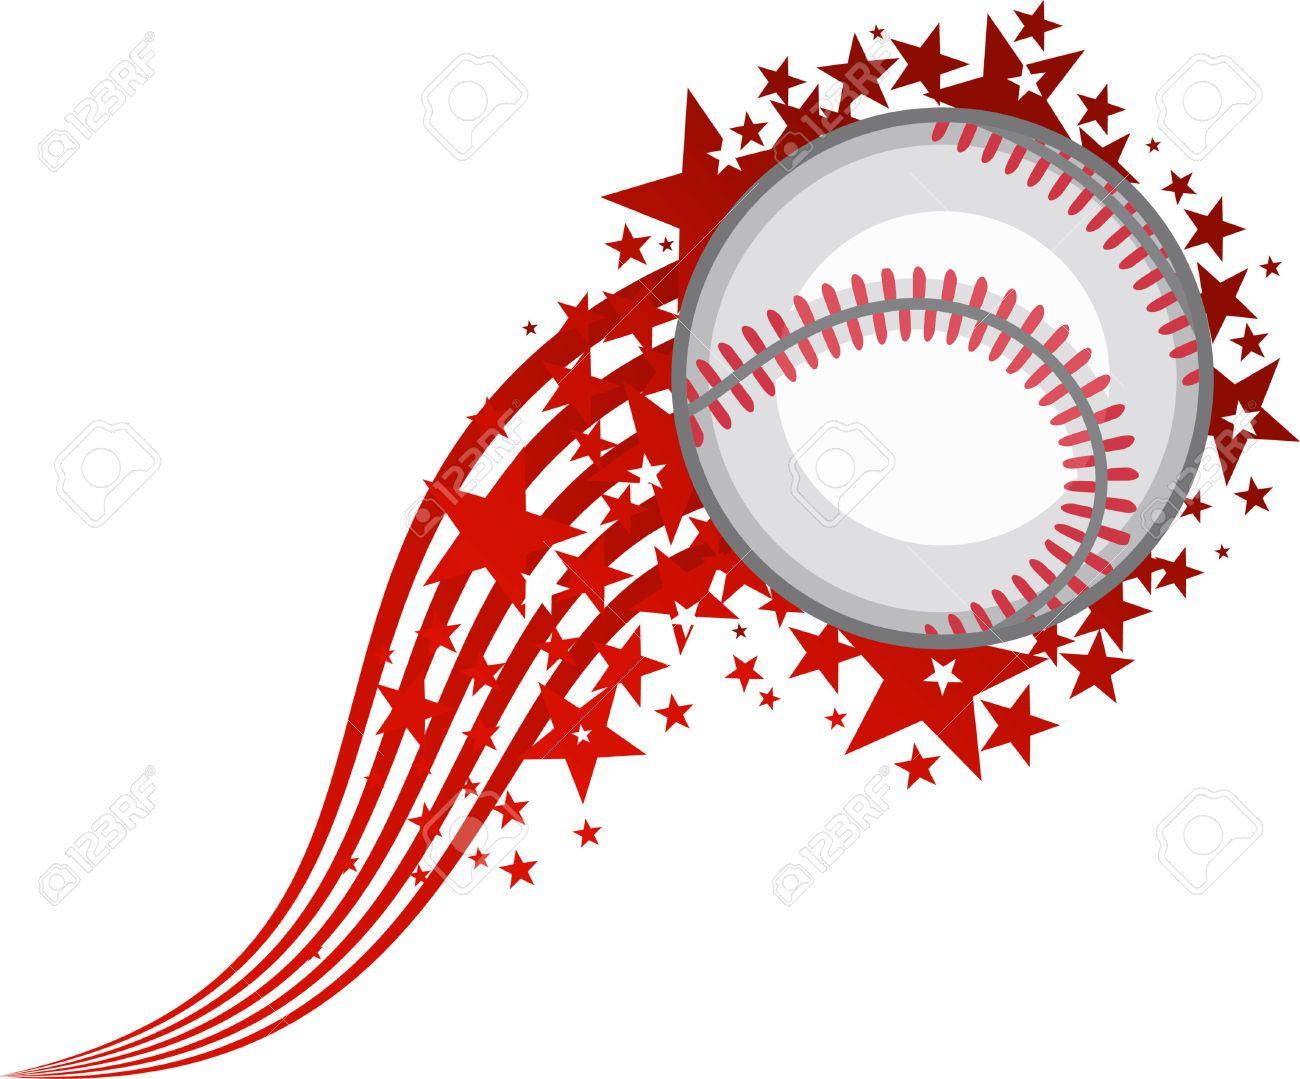 Baseball flying. Clip art of home